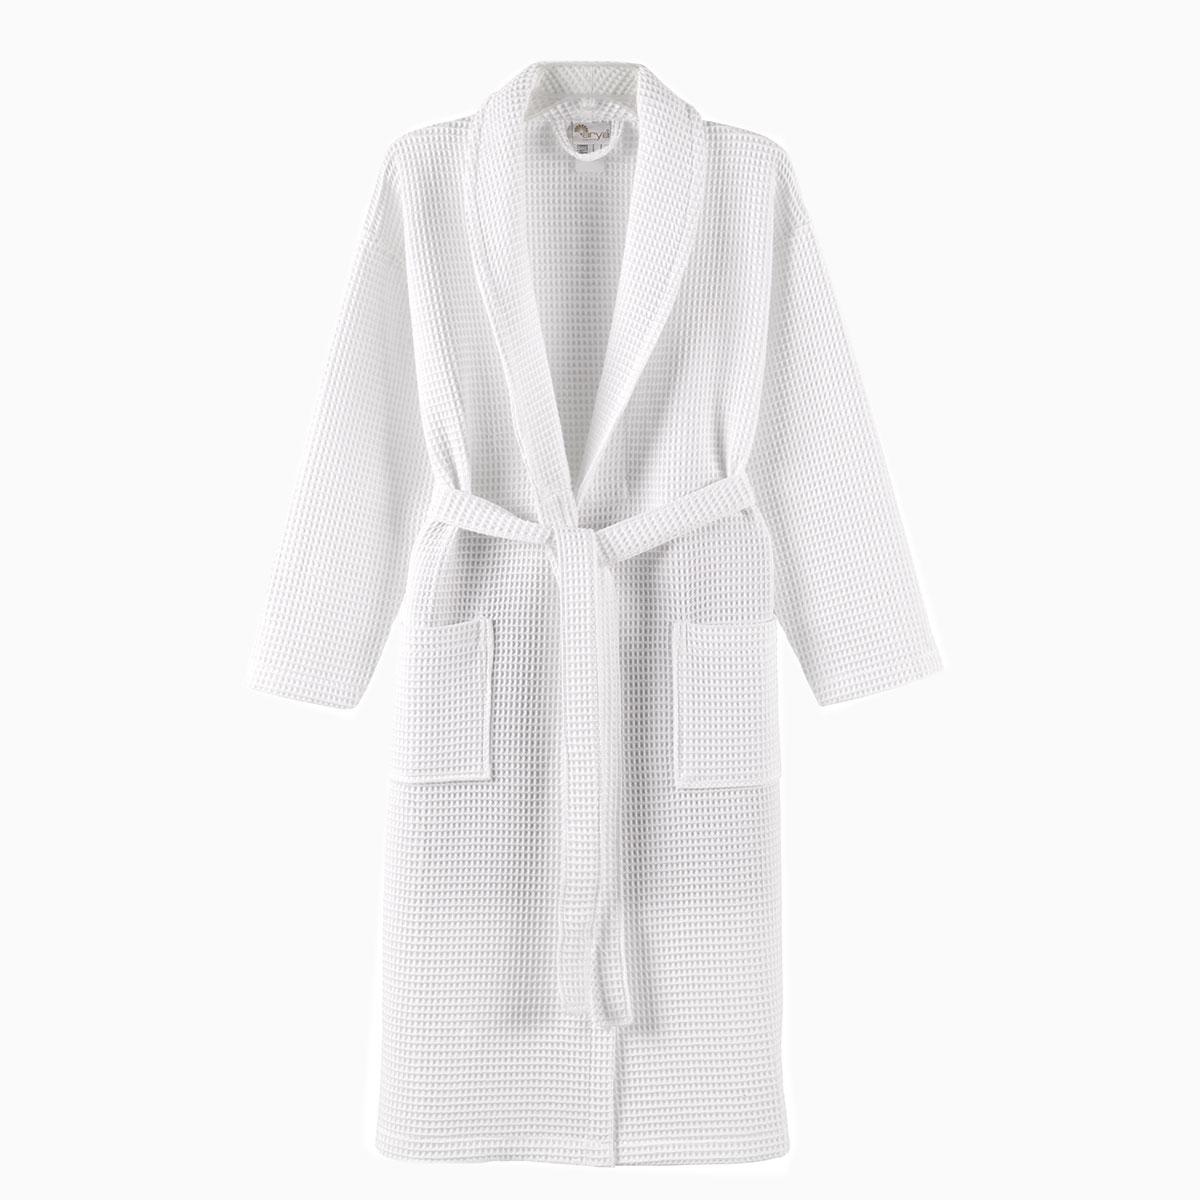 Банный халат Pamira цвет: белый (L) Arya ar467074